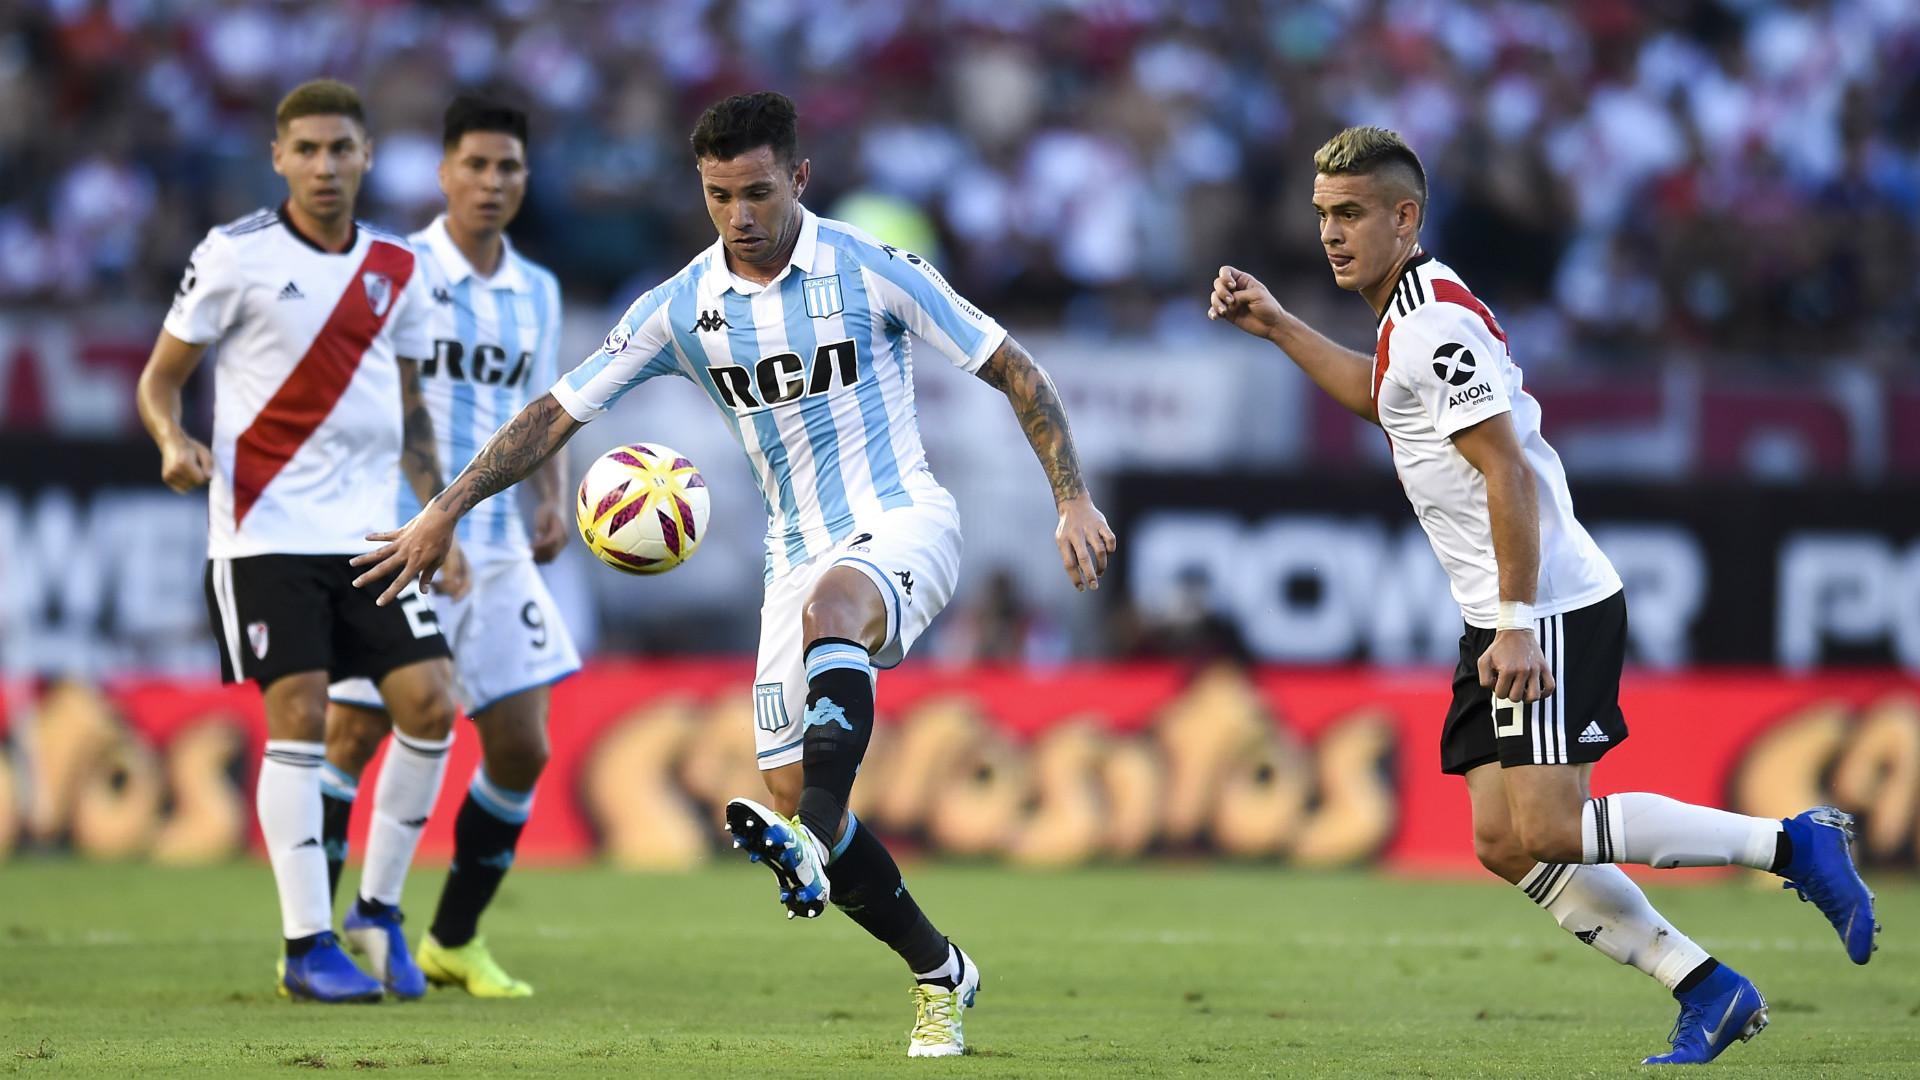 Se calienta la Supercopa Argentina: La dura amenaza que le mandaron desde  Racing a River - El Intransigente